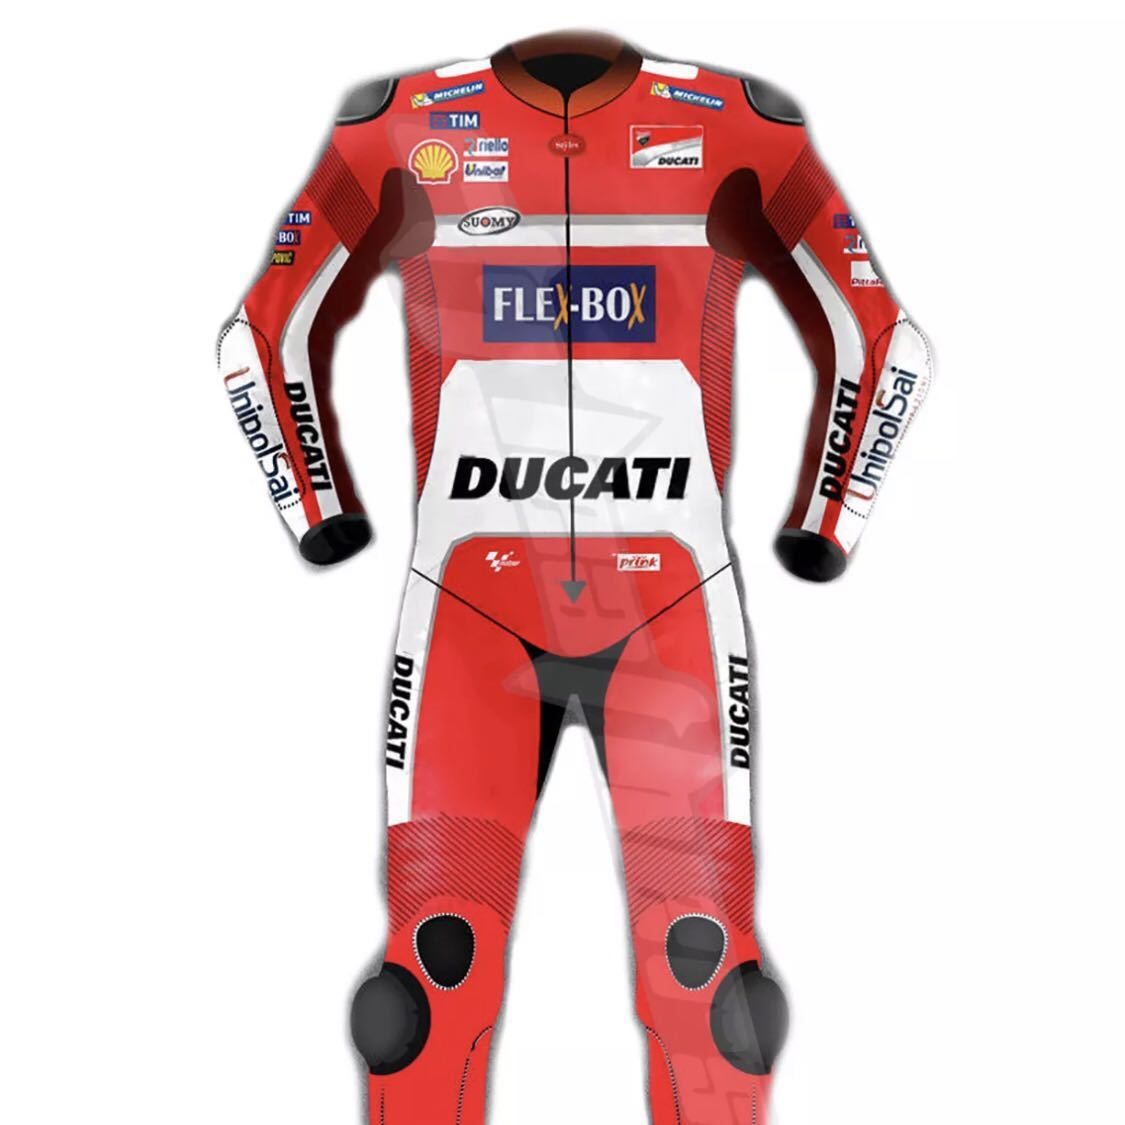 ドゥカティ DUACTI レーシングスーツ 革ツナギ ワンピース レザースーツ 各サイズ_画像1